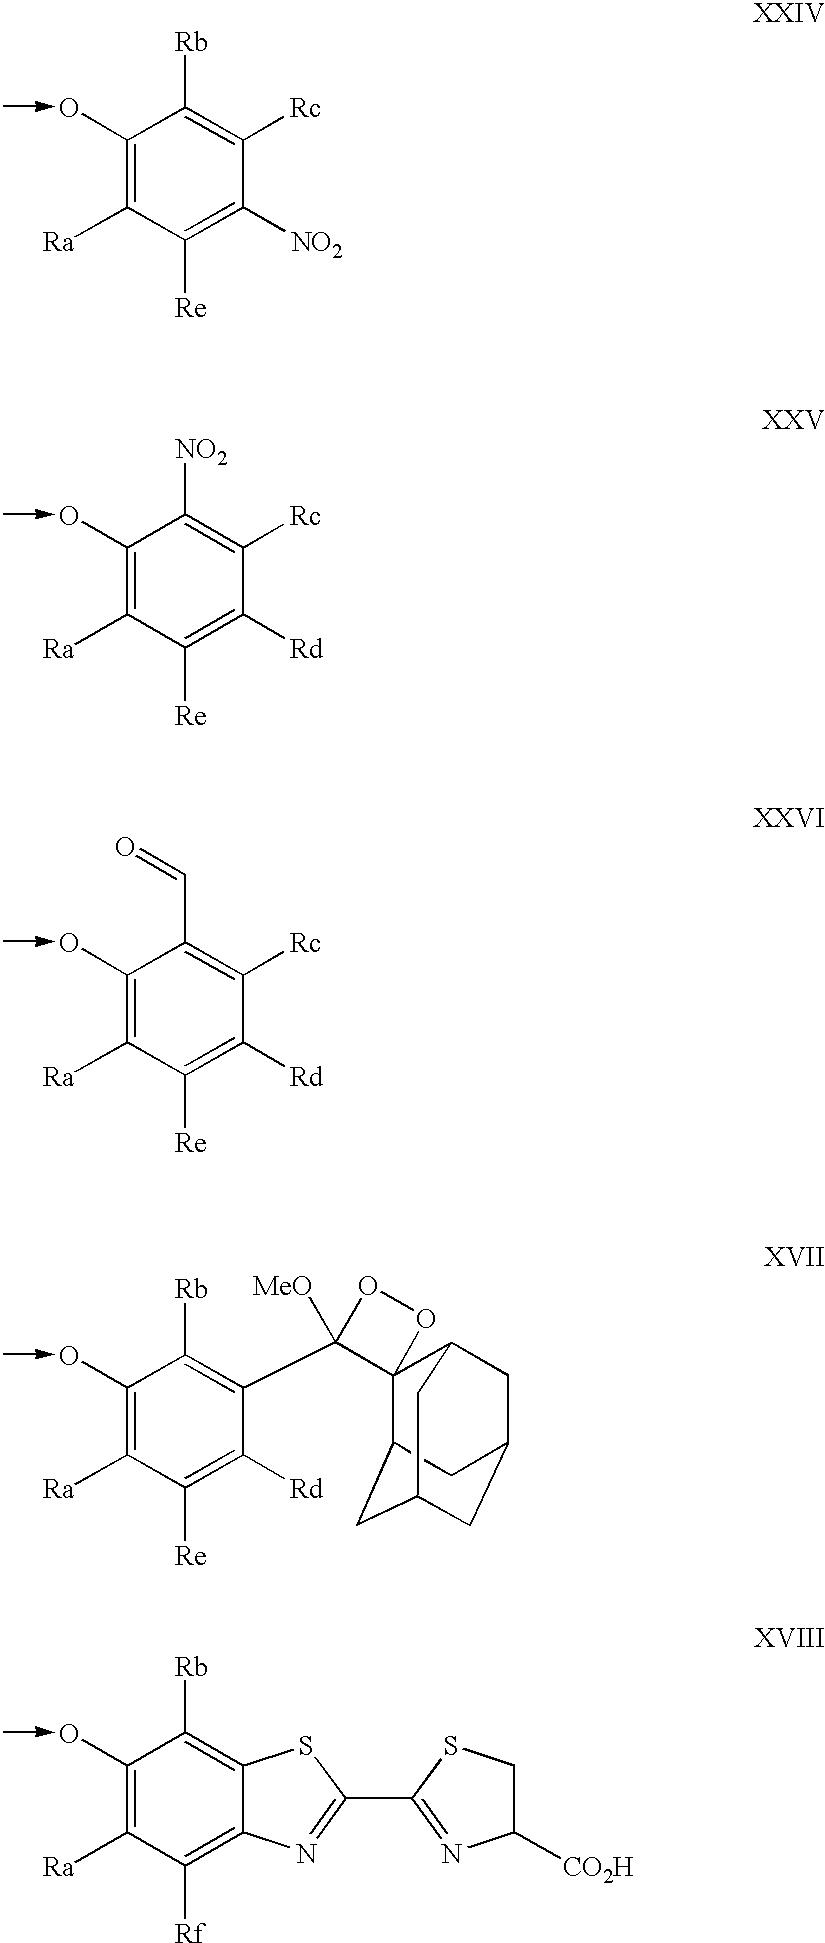 Figure US06514687-20030204-C00091